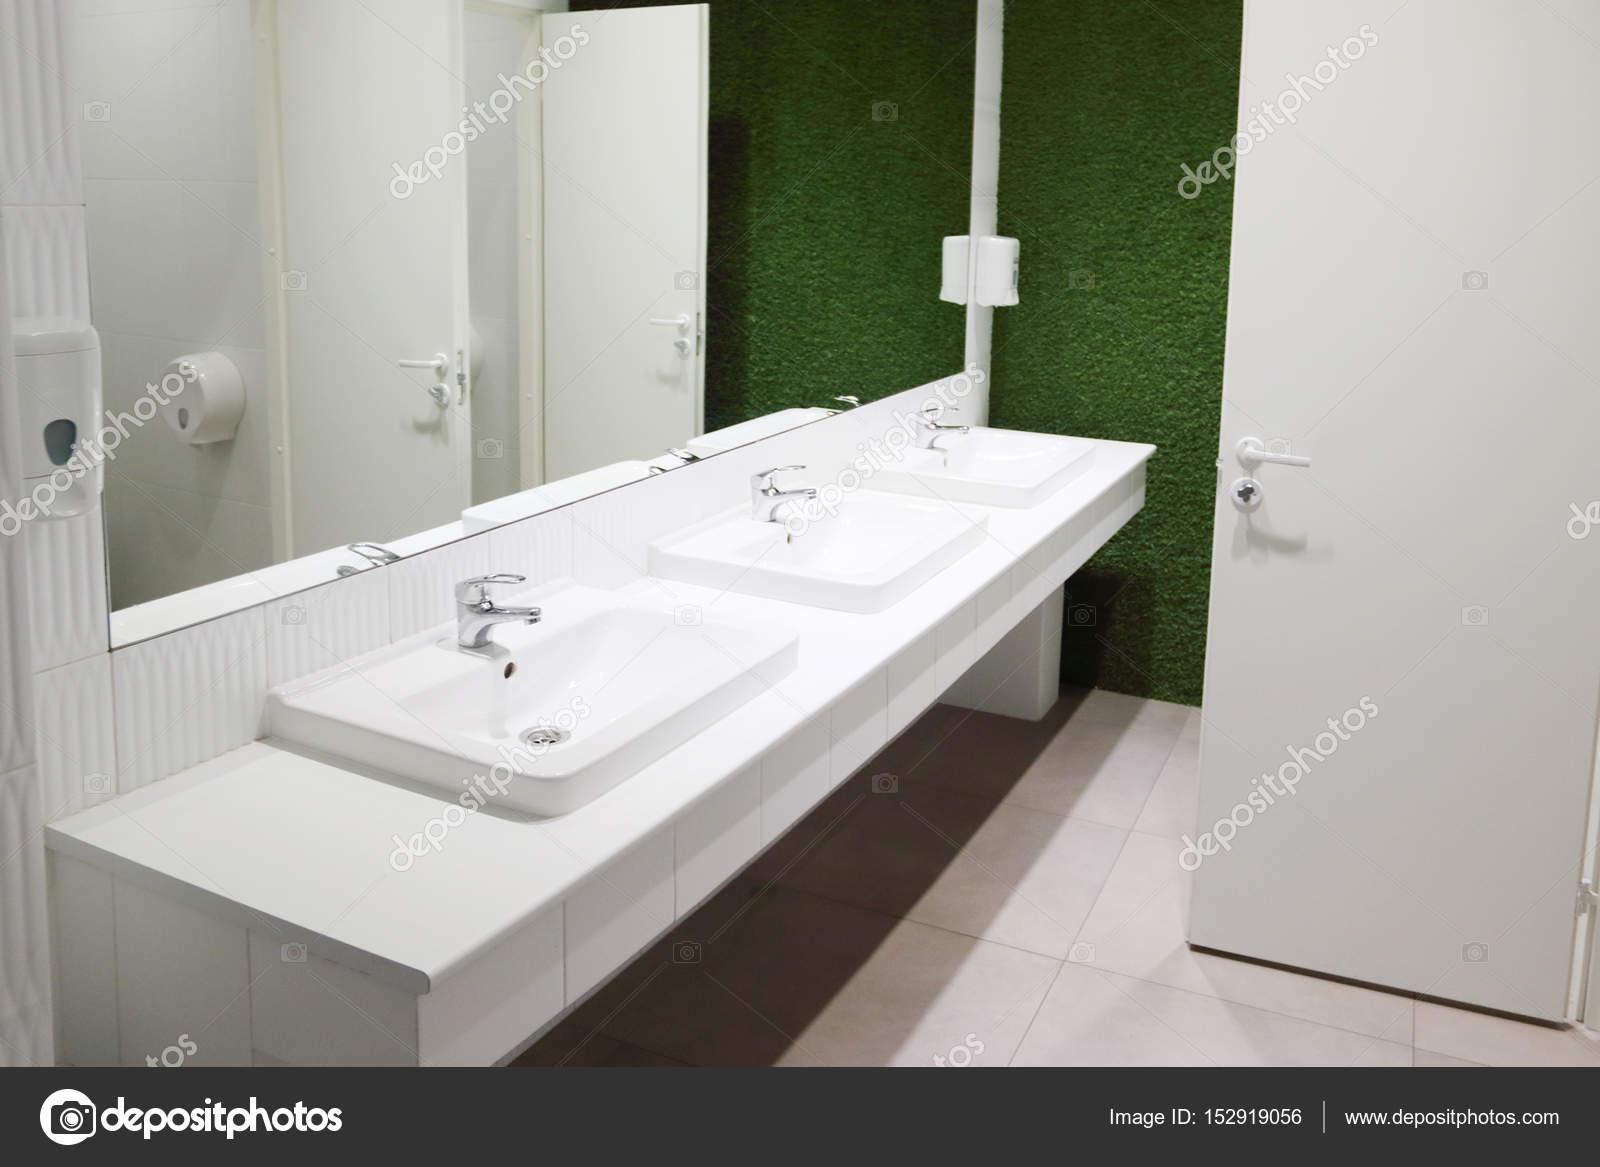 Bianchi tre lavandini in bagno con grande specchio e parete verde ...